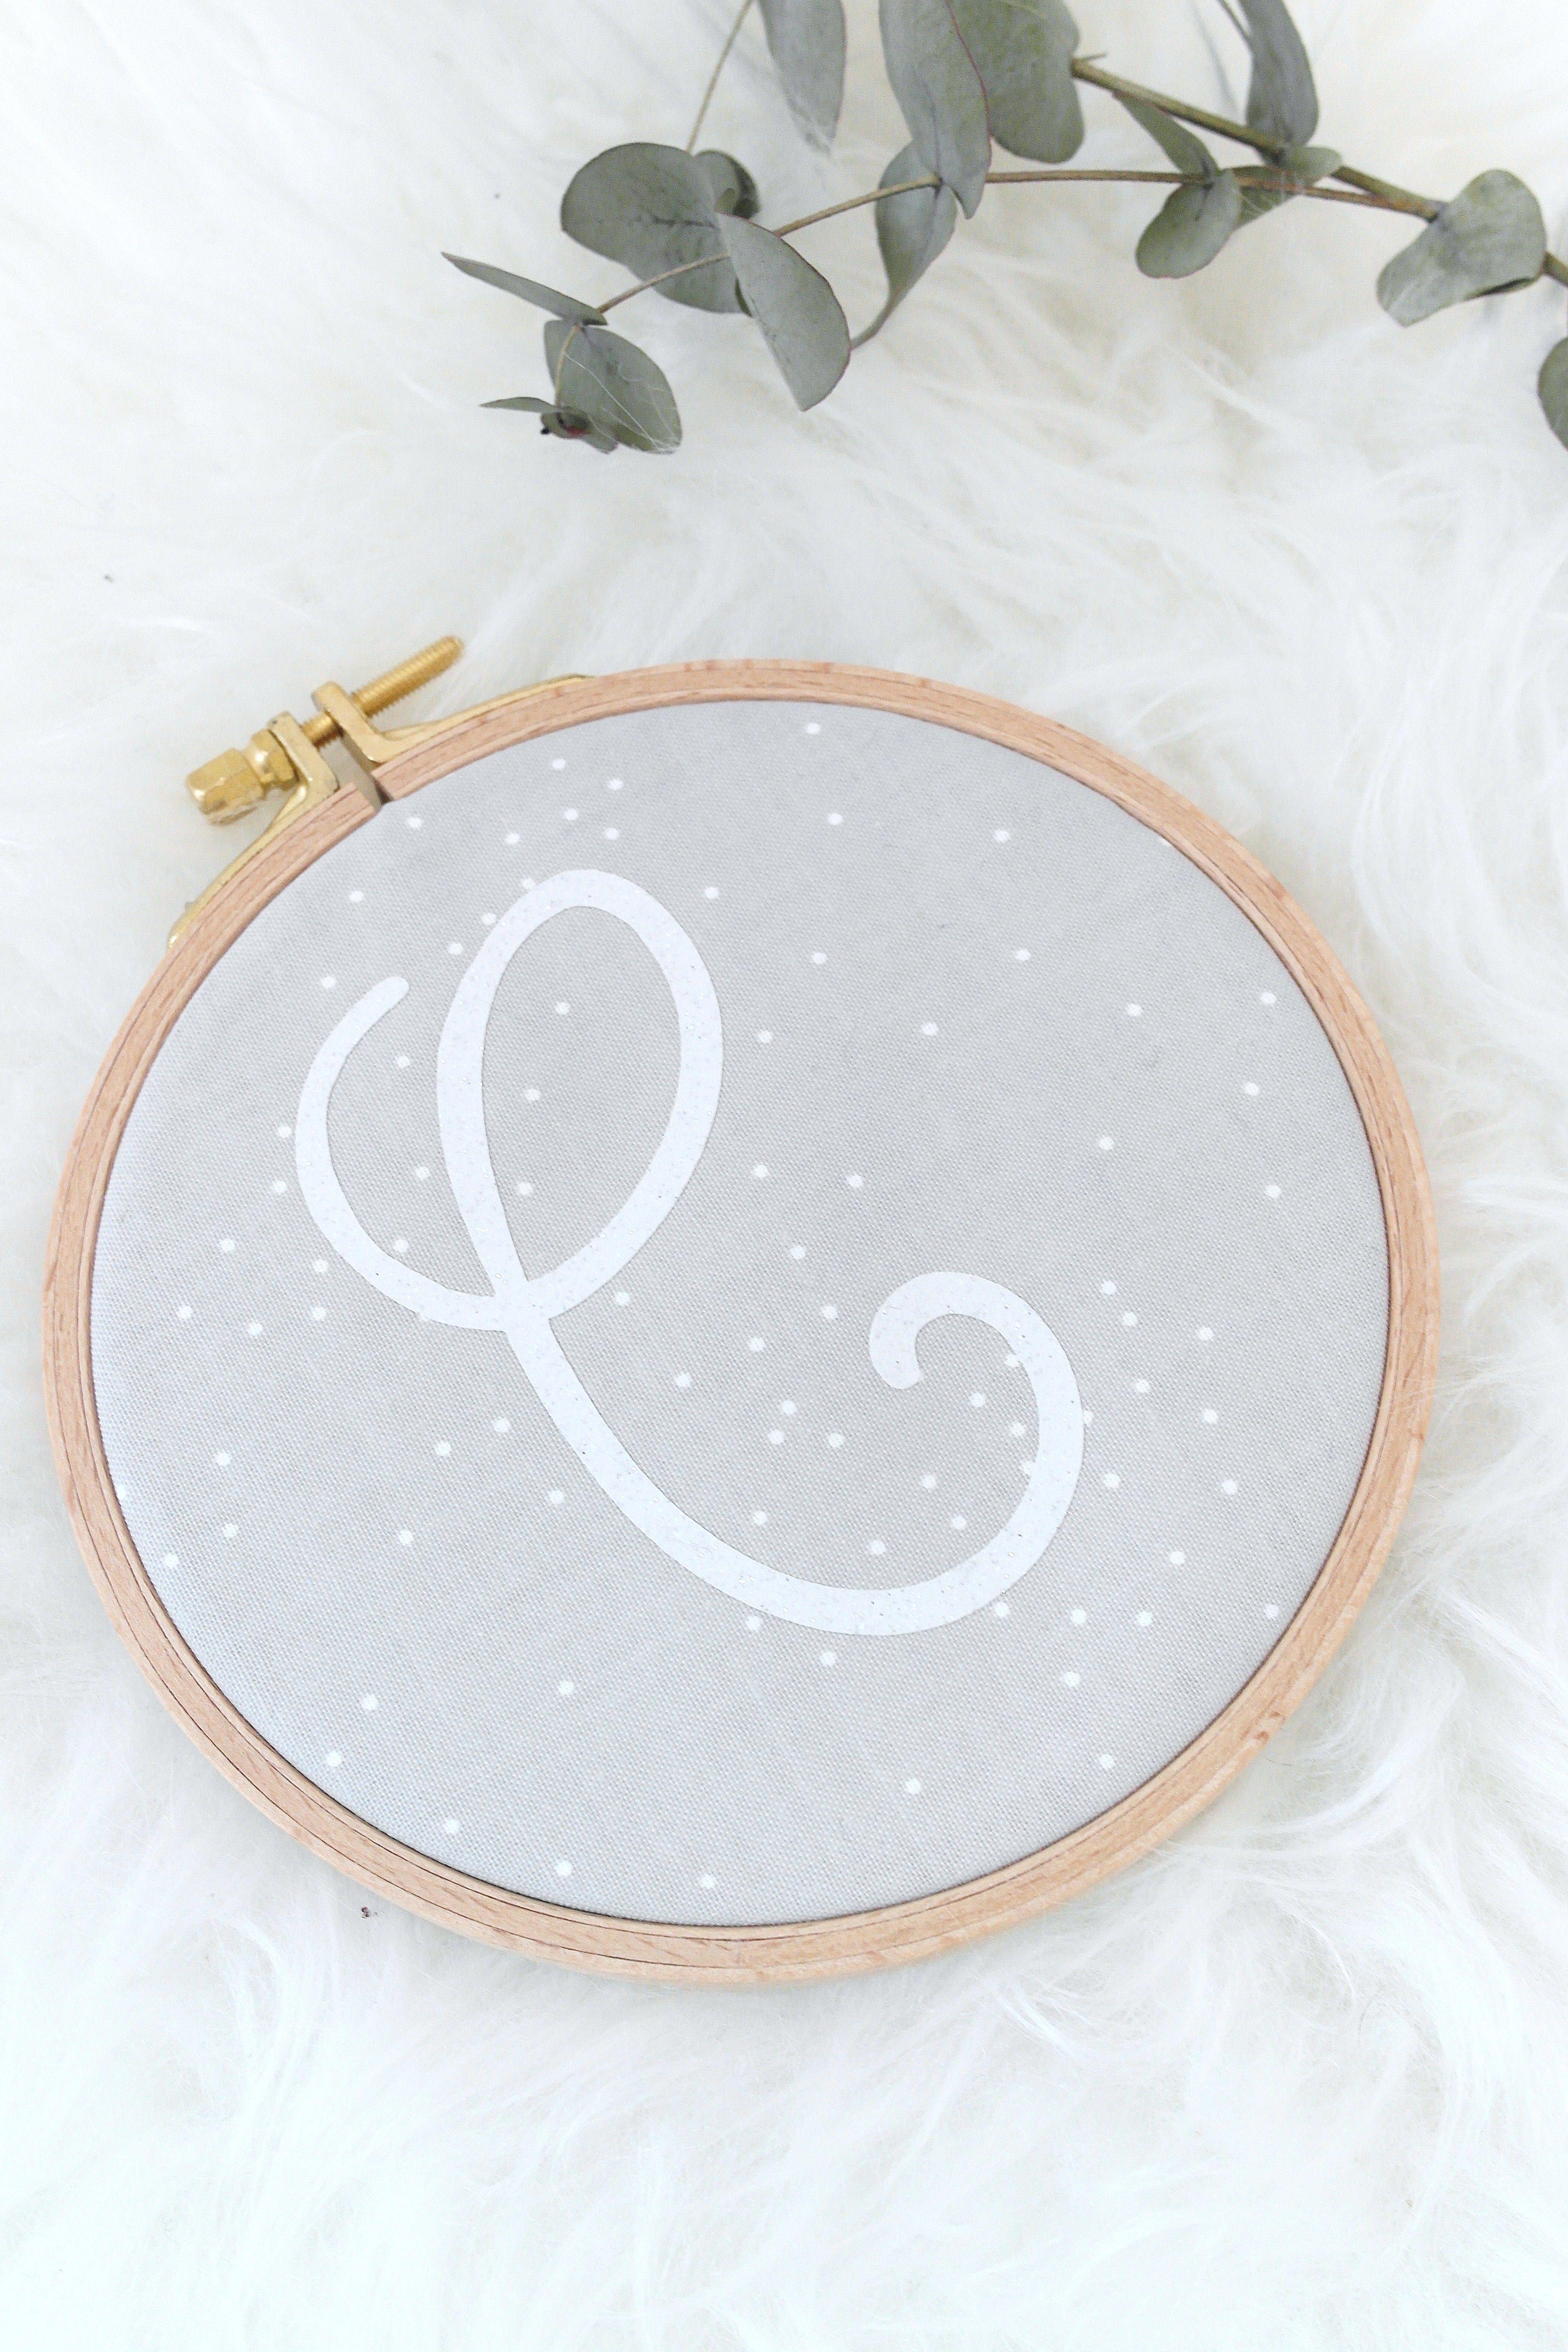 cercle initiale 3 pommes dans un panier pinterest d coration int rieure panier et cercle. Black Bedroom Furniture Sets. Home Design Ideas